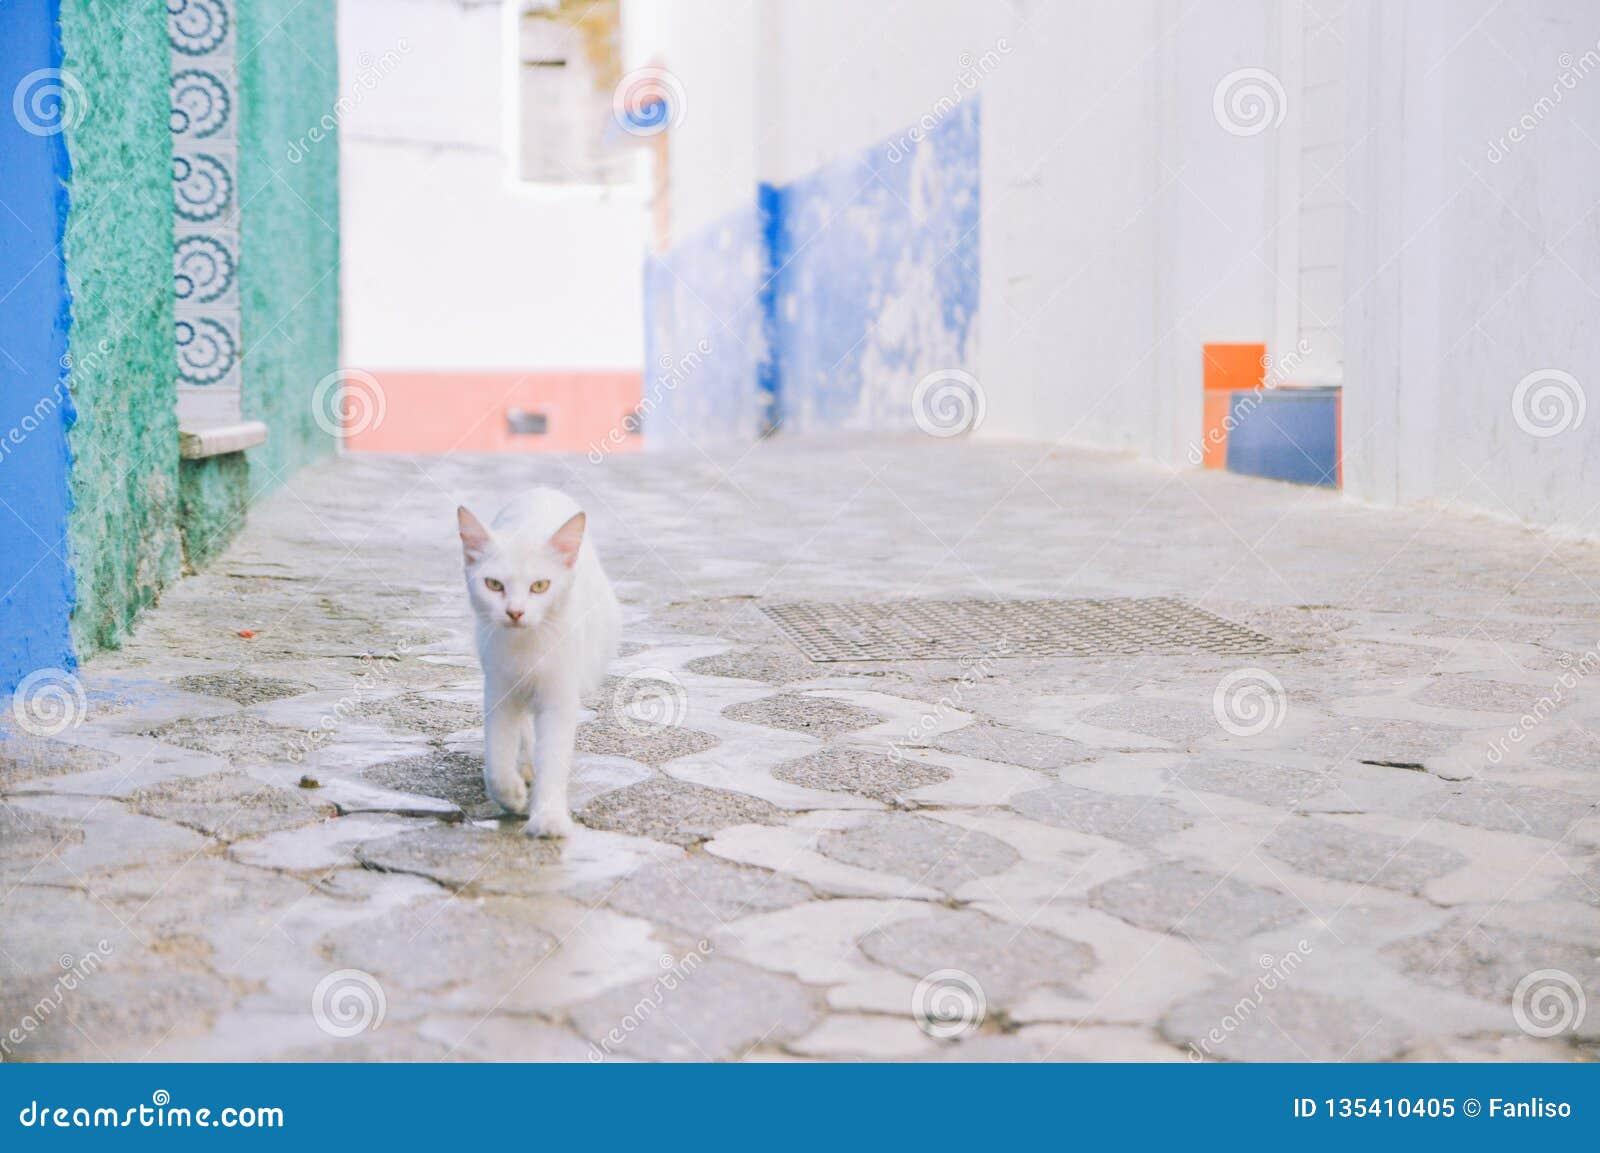 Paseos de un gato blancos en el callejón